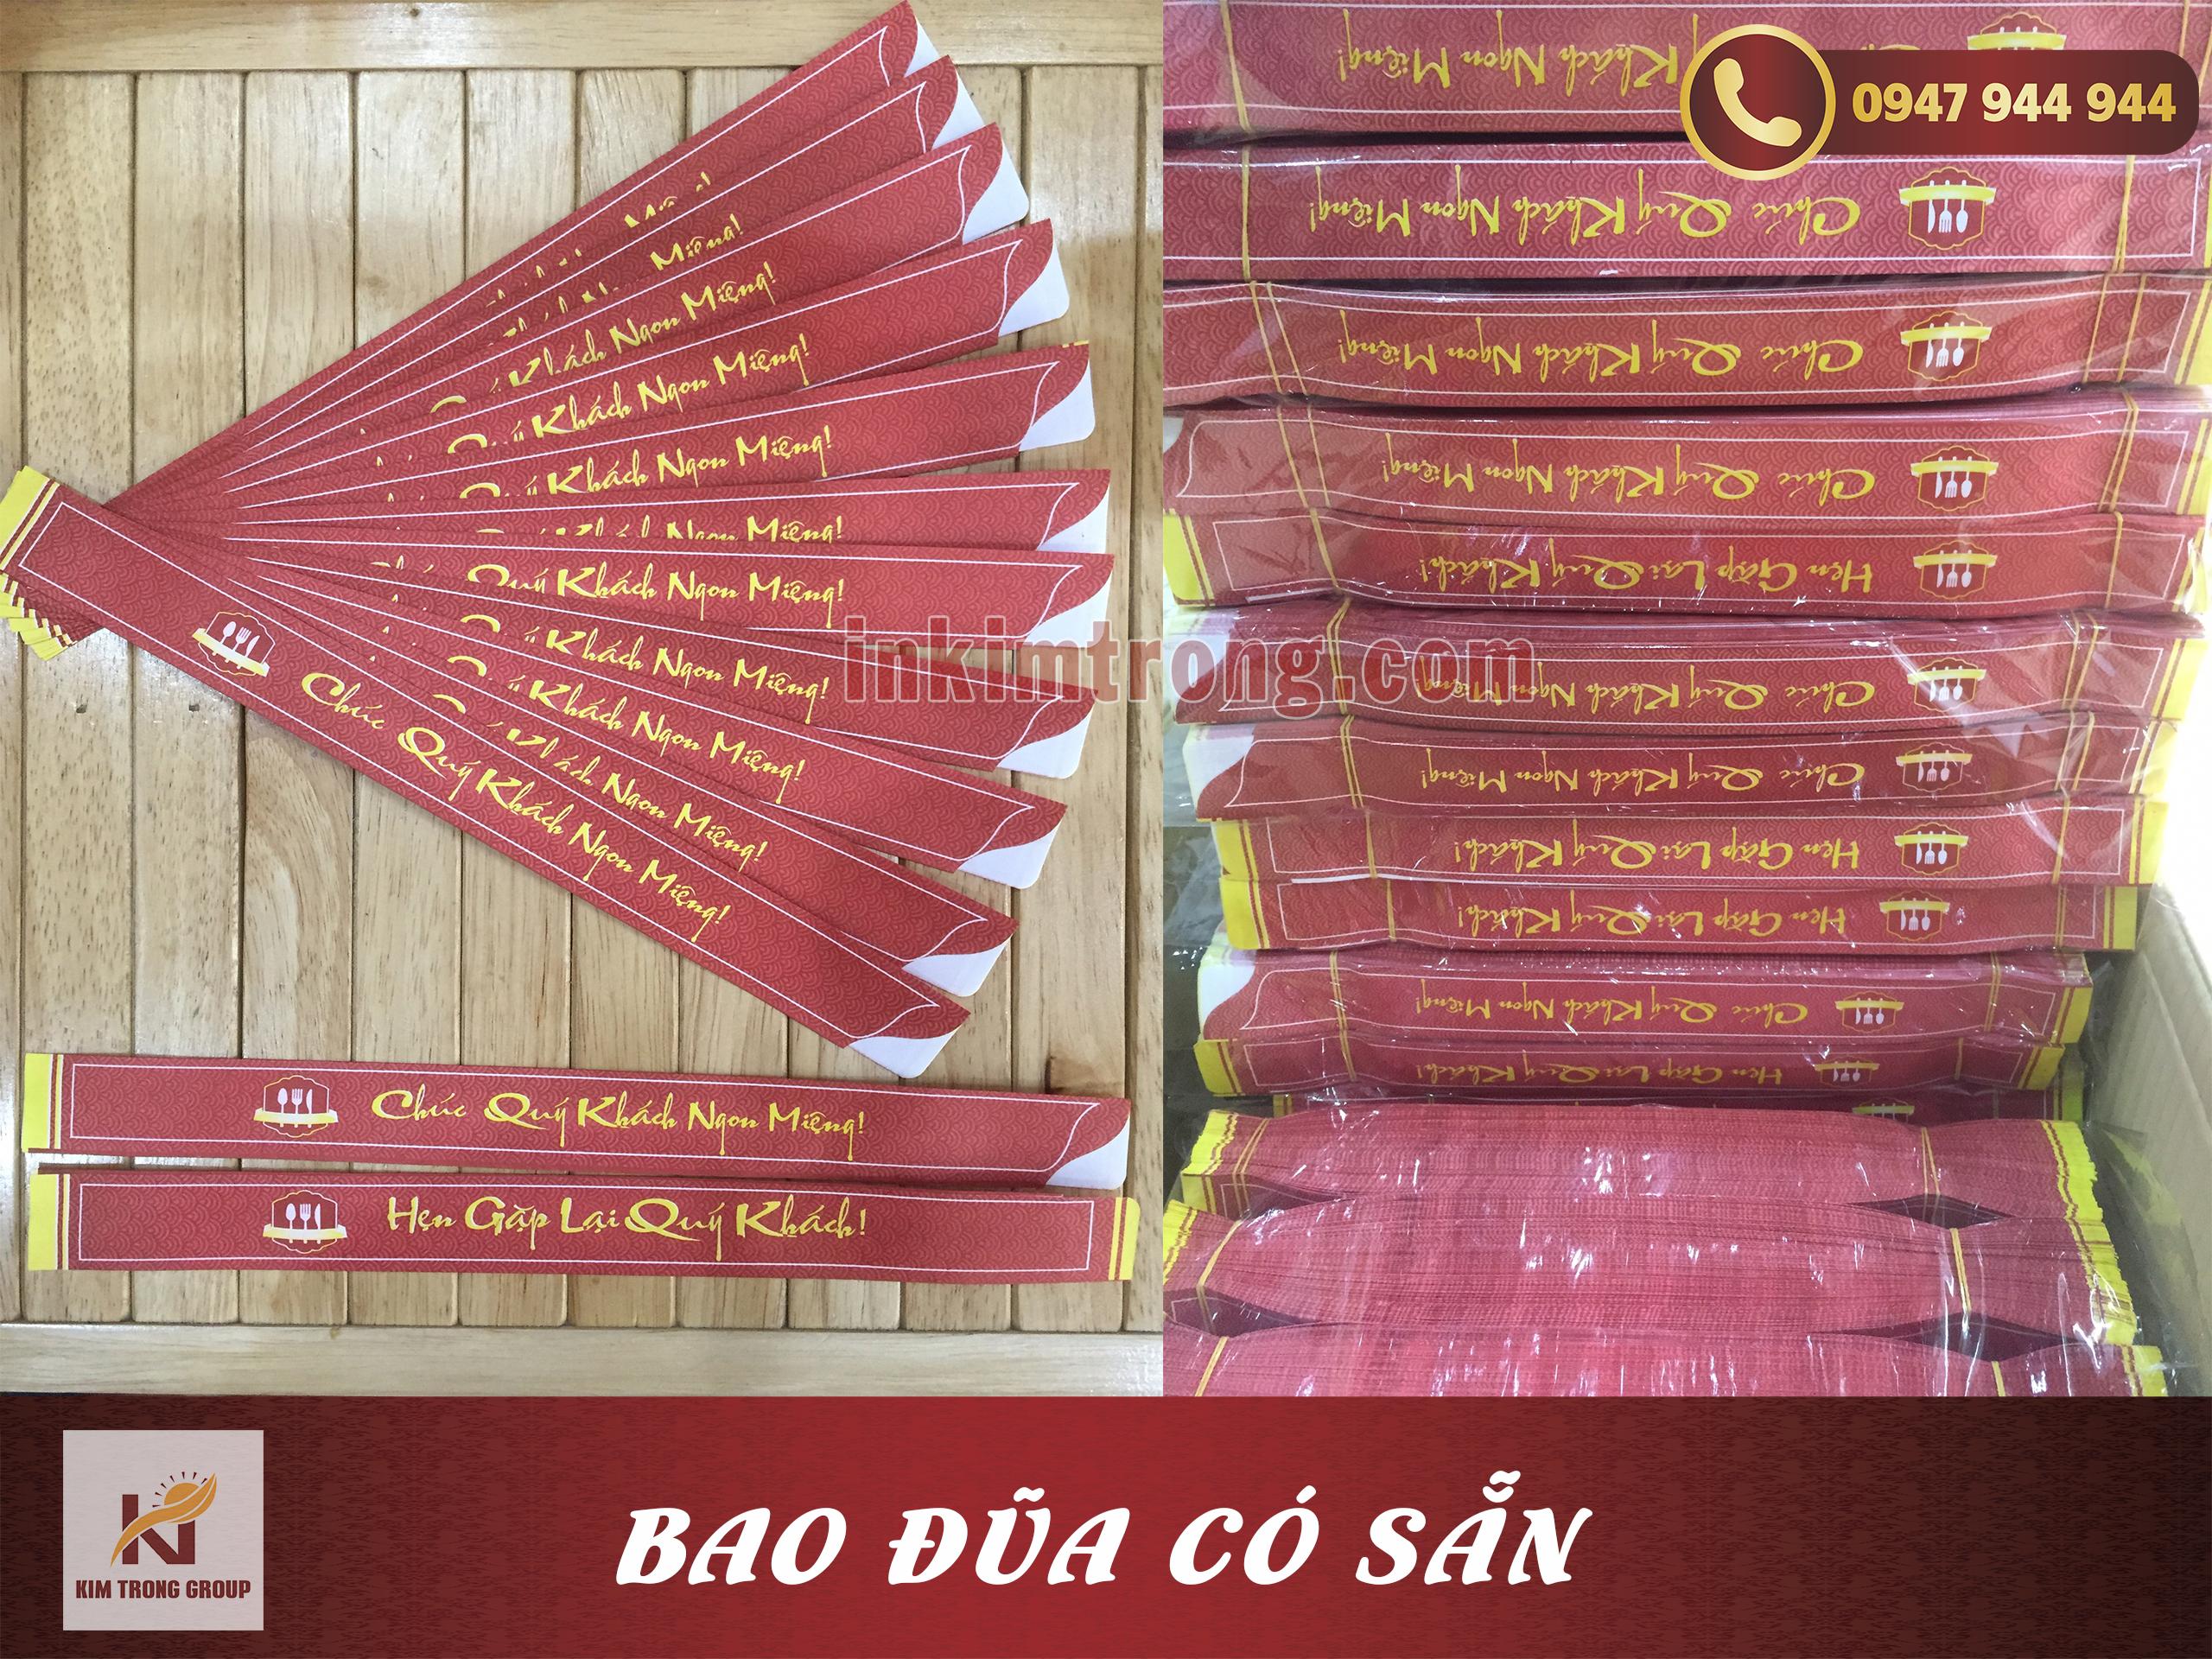 Bao đũa có sẵn đẹp rẻ